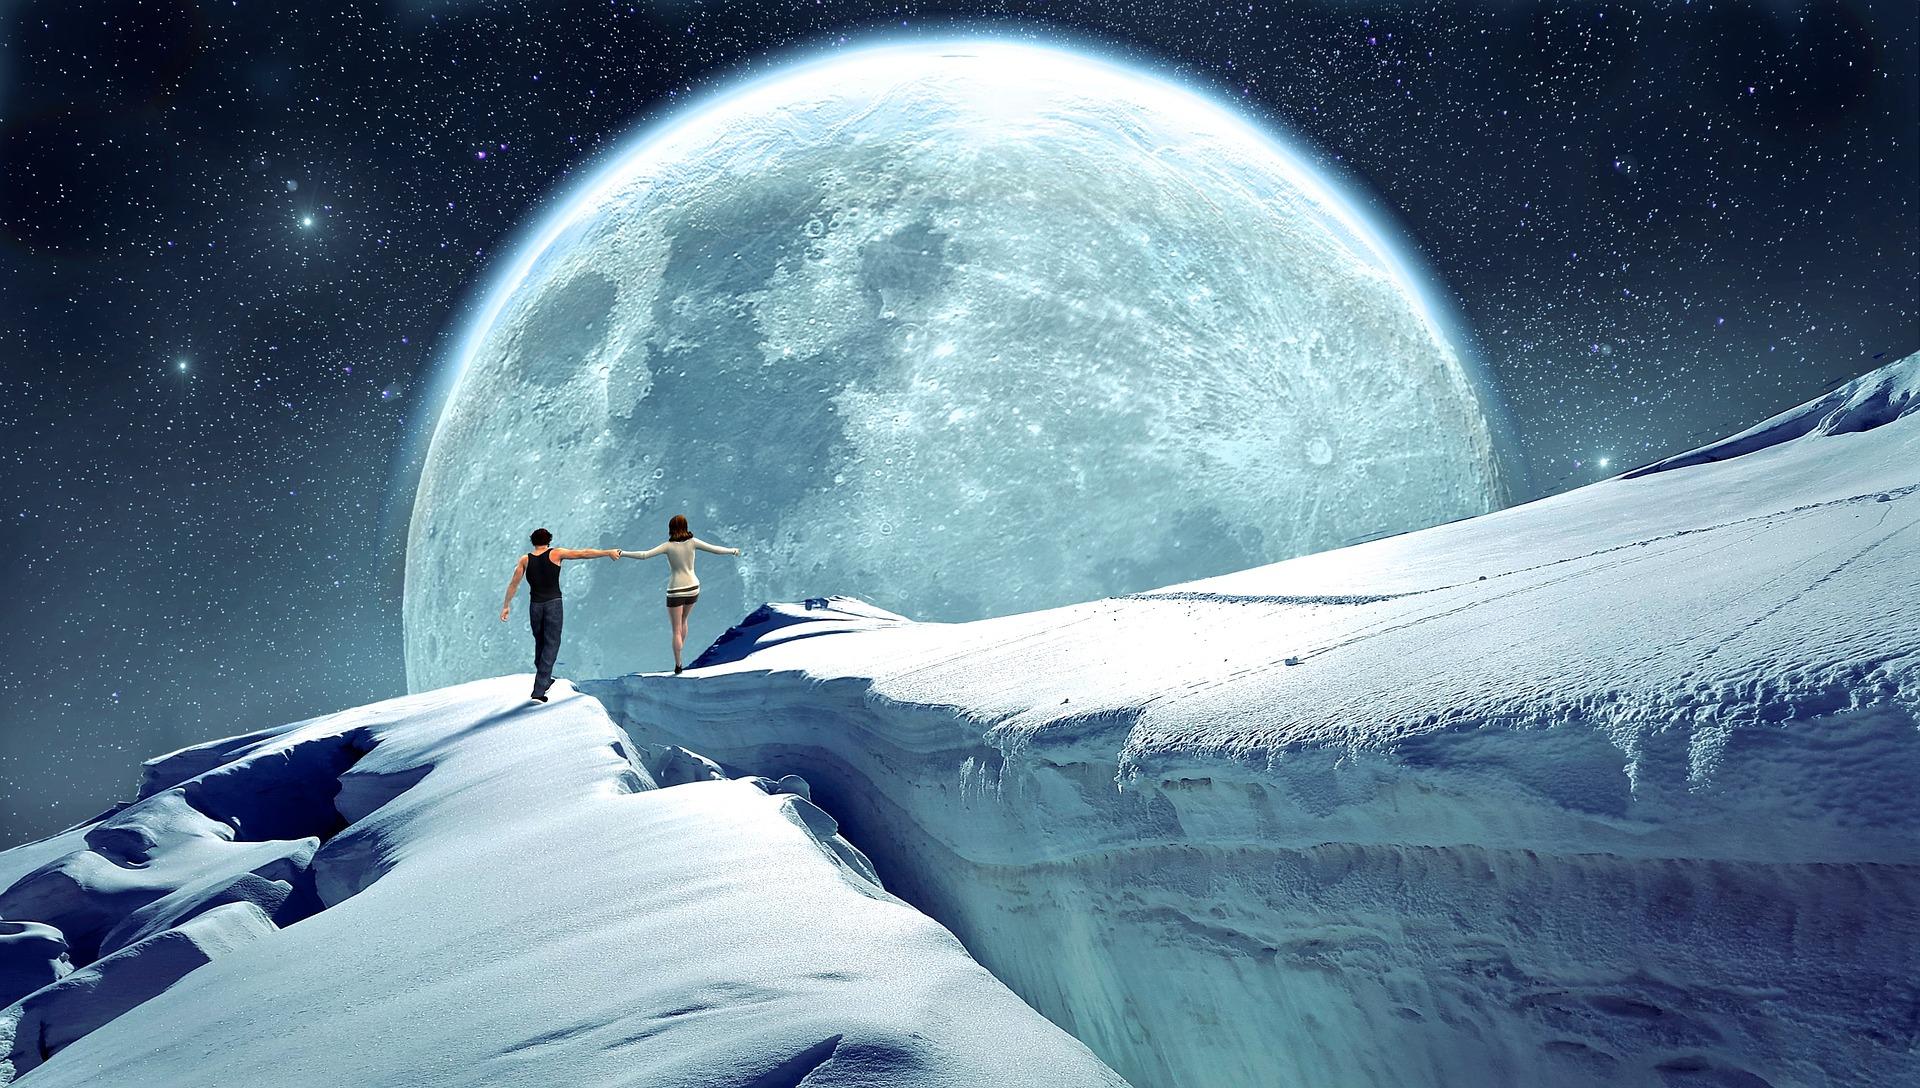 moon-2368443_1920.jpg